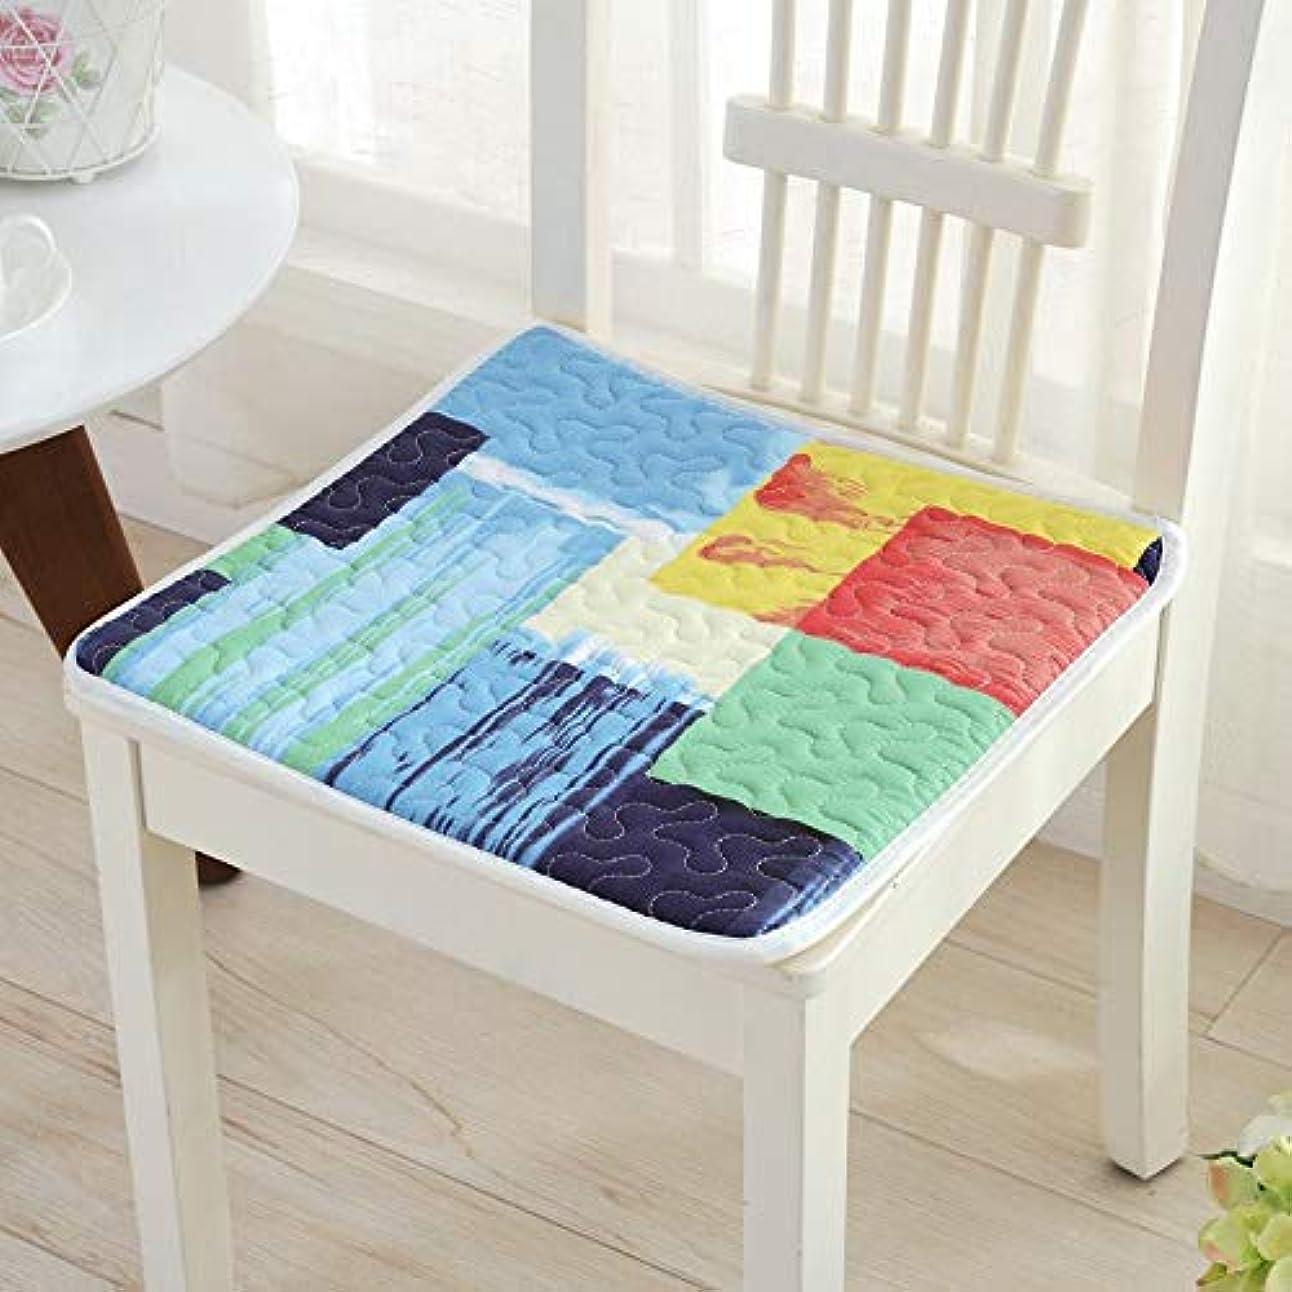 盲目ベール忌まわしいLIFE 現代スーパーソフト椅子クッション非スリップシートクッションマットソファホームデコレーションバッククッションチェアパッド 40*40/45*45/50*50 センチメートル クッション 椅子